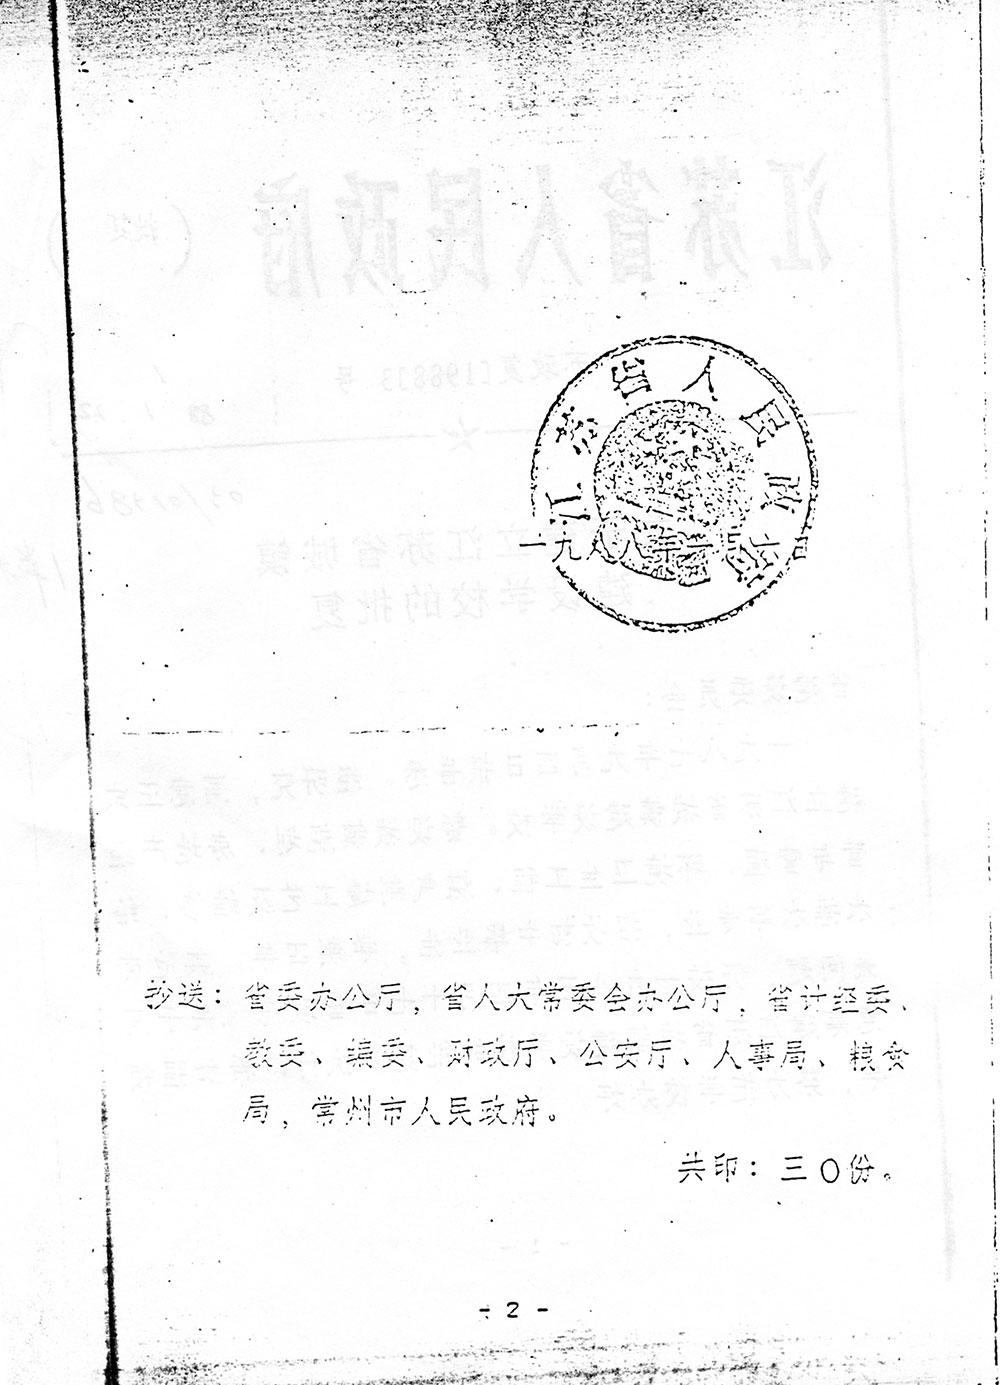 1-1988年1月6日城建校成立批复(背面)